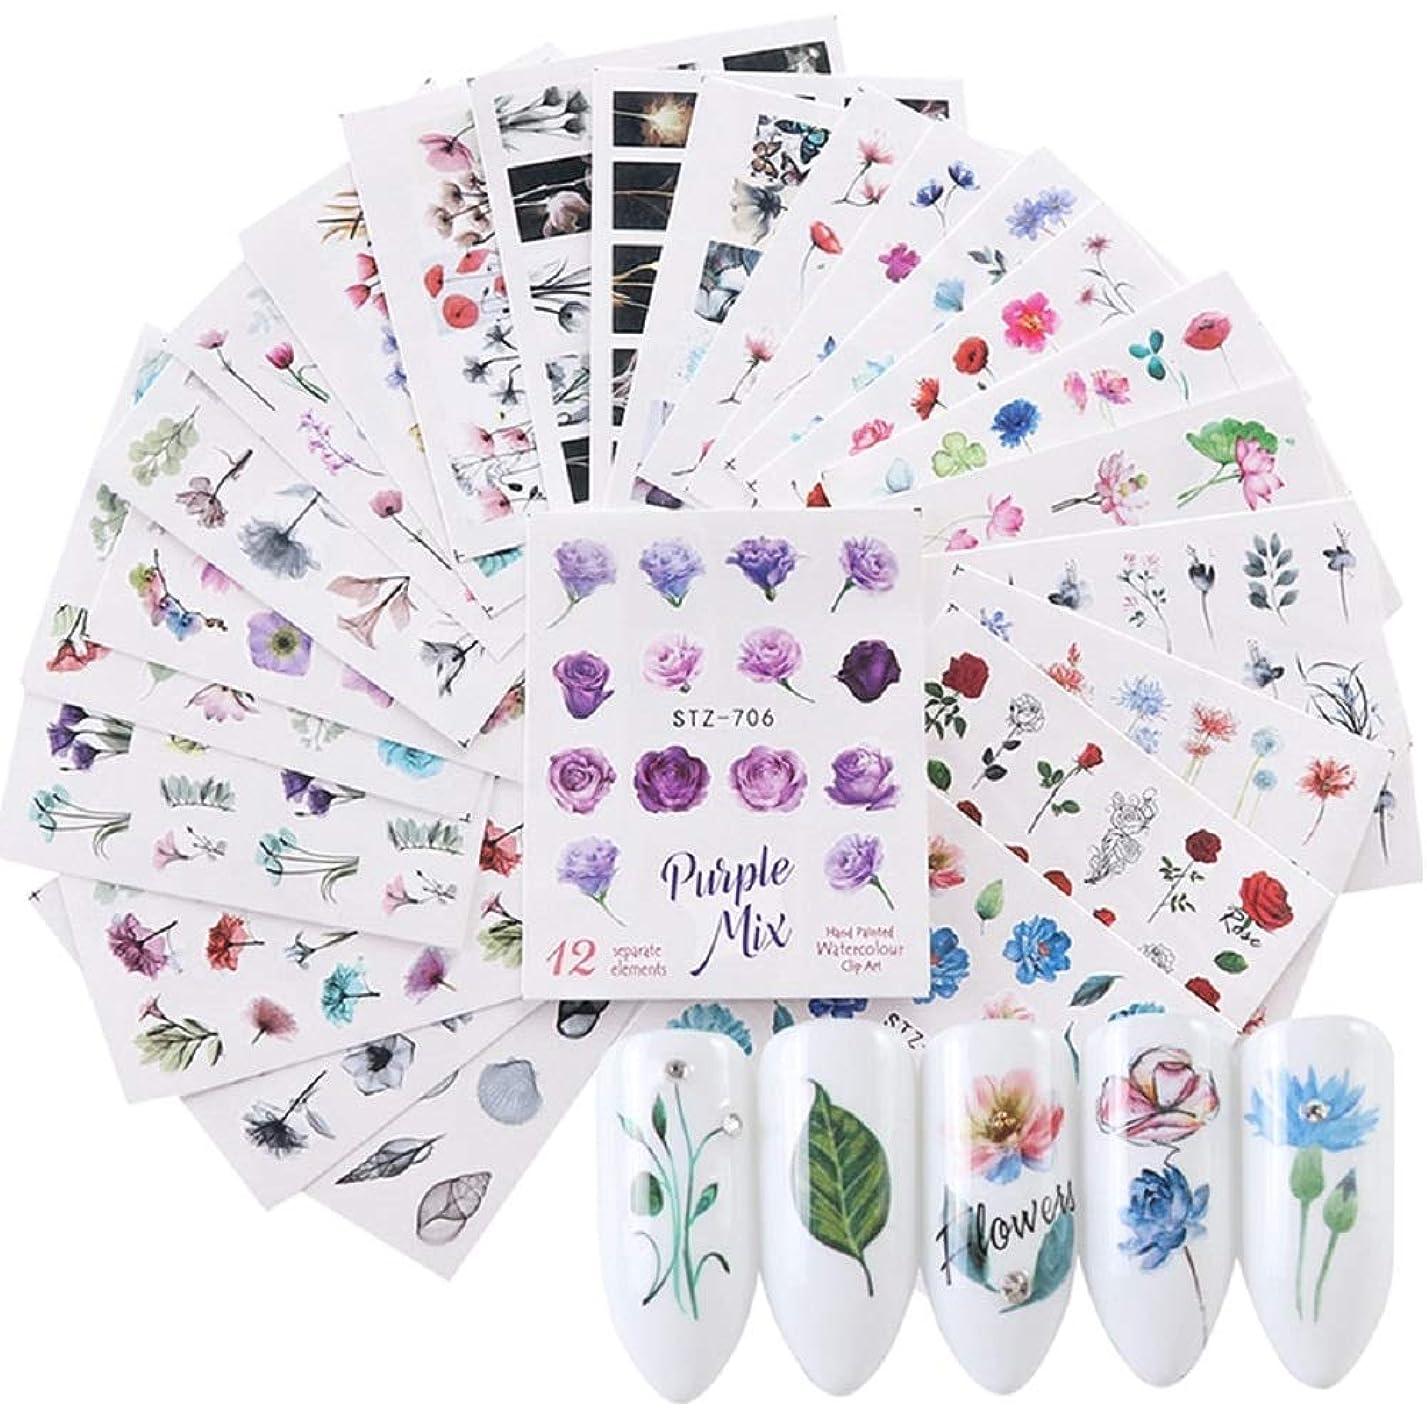 可能性一時停止パッド24pcs Watercolor Floral Flower Sticker Nail Decals Set Flamingo Sea Horse Designs Gel Manicure Decor Water Slider 水彩フラワーフラワーステッカーネイルステッカーセットフラミンゴシーホースデザインジェルマニキュア装飾水スライダー